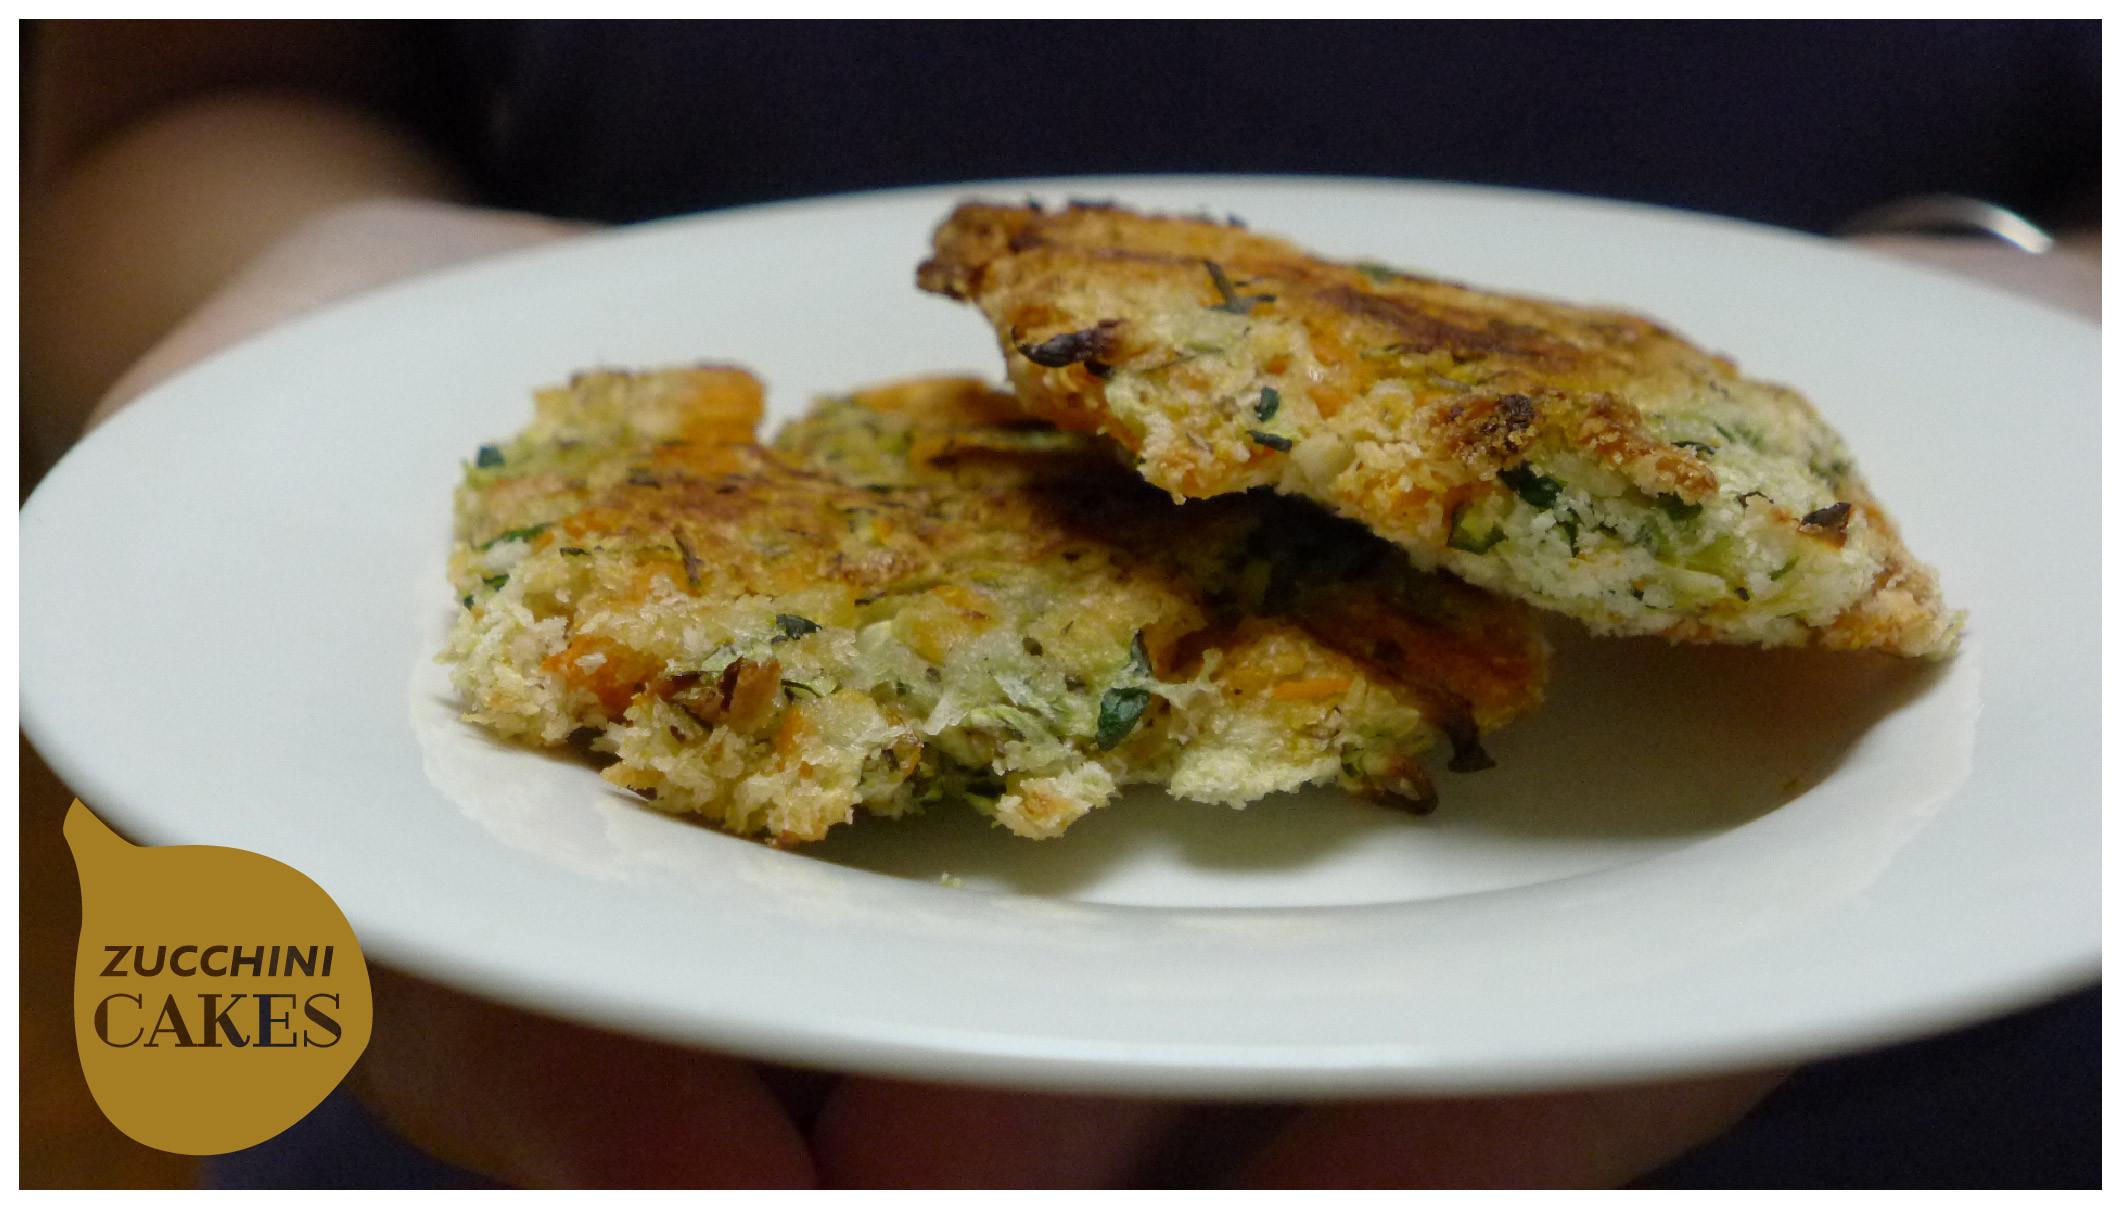 Zucchini Cakes Recipes  Zucchini Cakes Recipe — Dishmaps